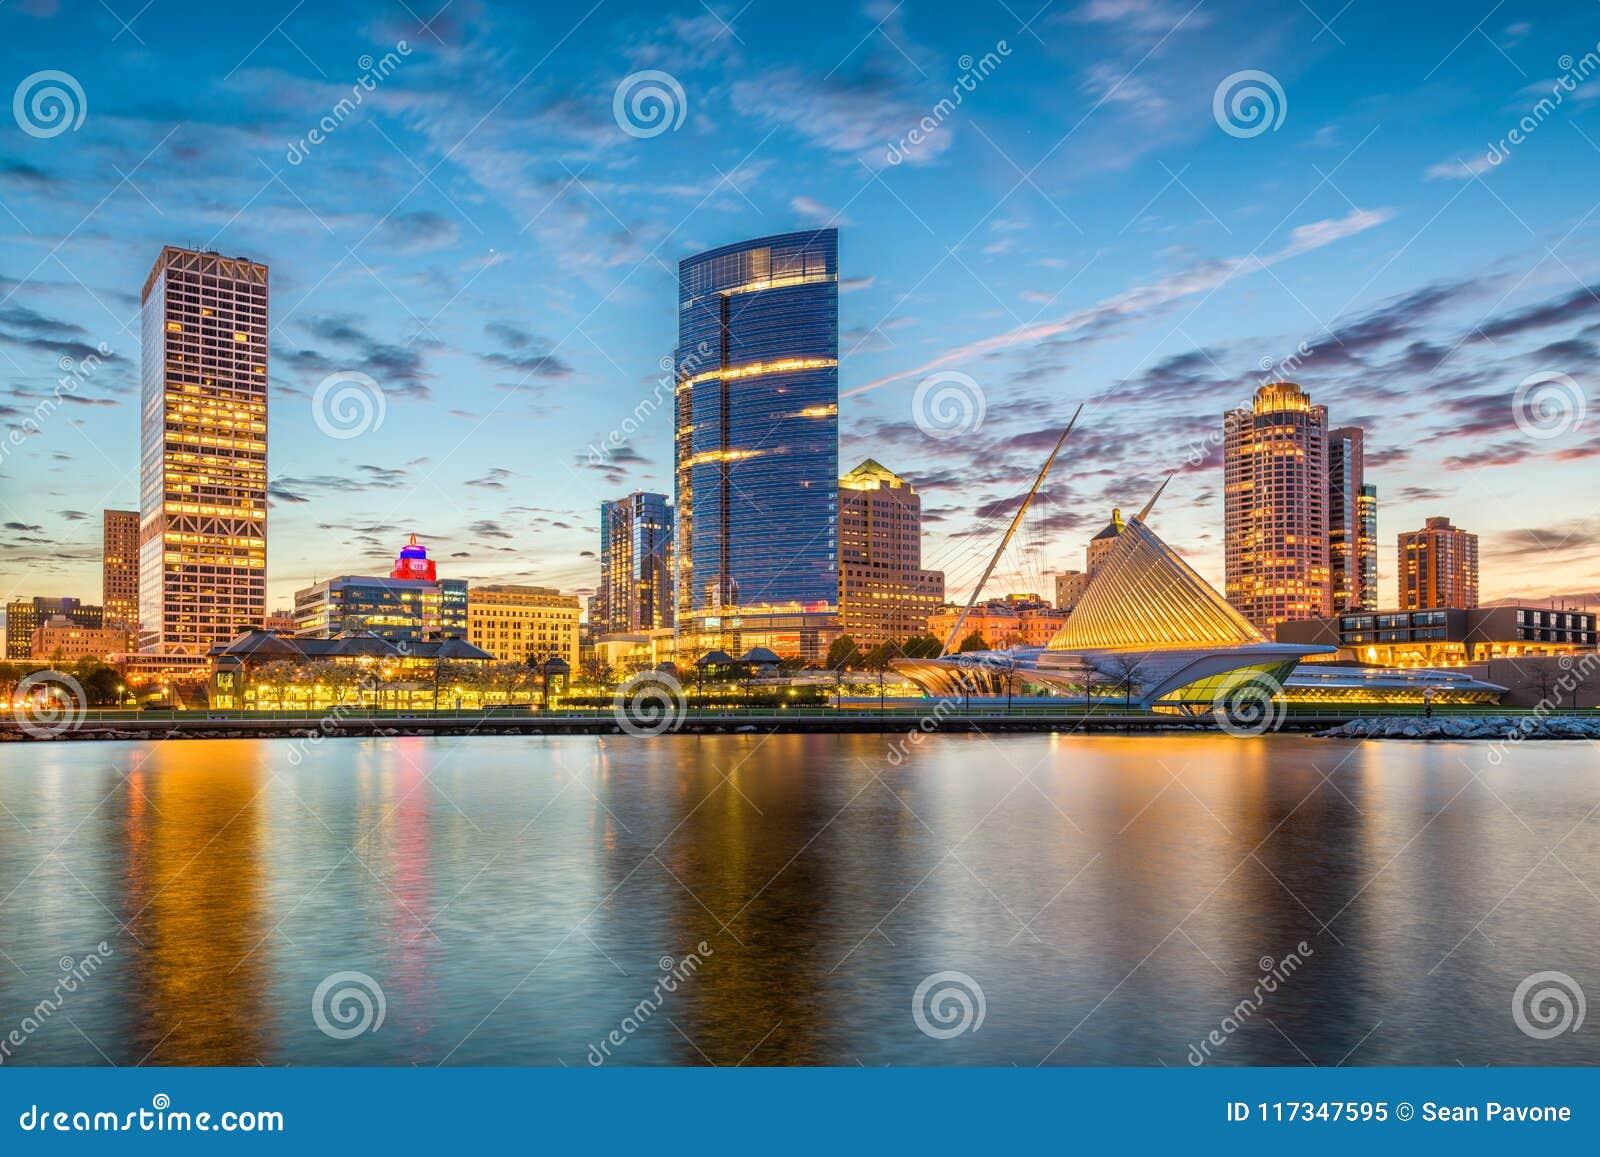 Skyline Milwaukee, Wisconsin, USA